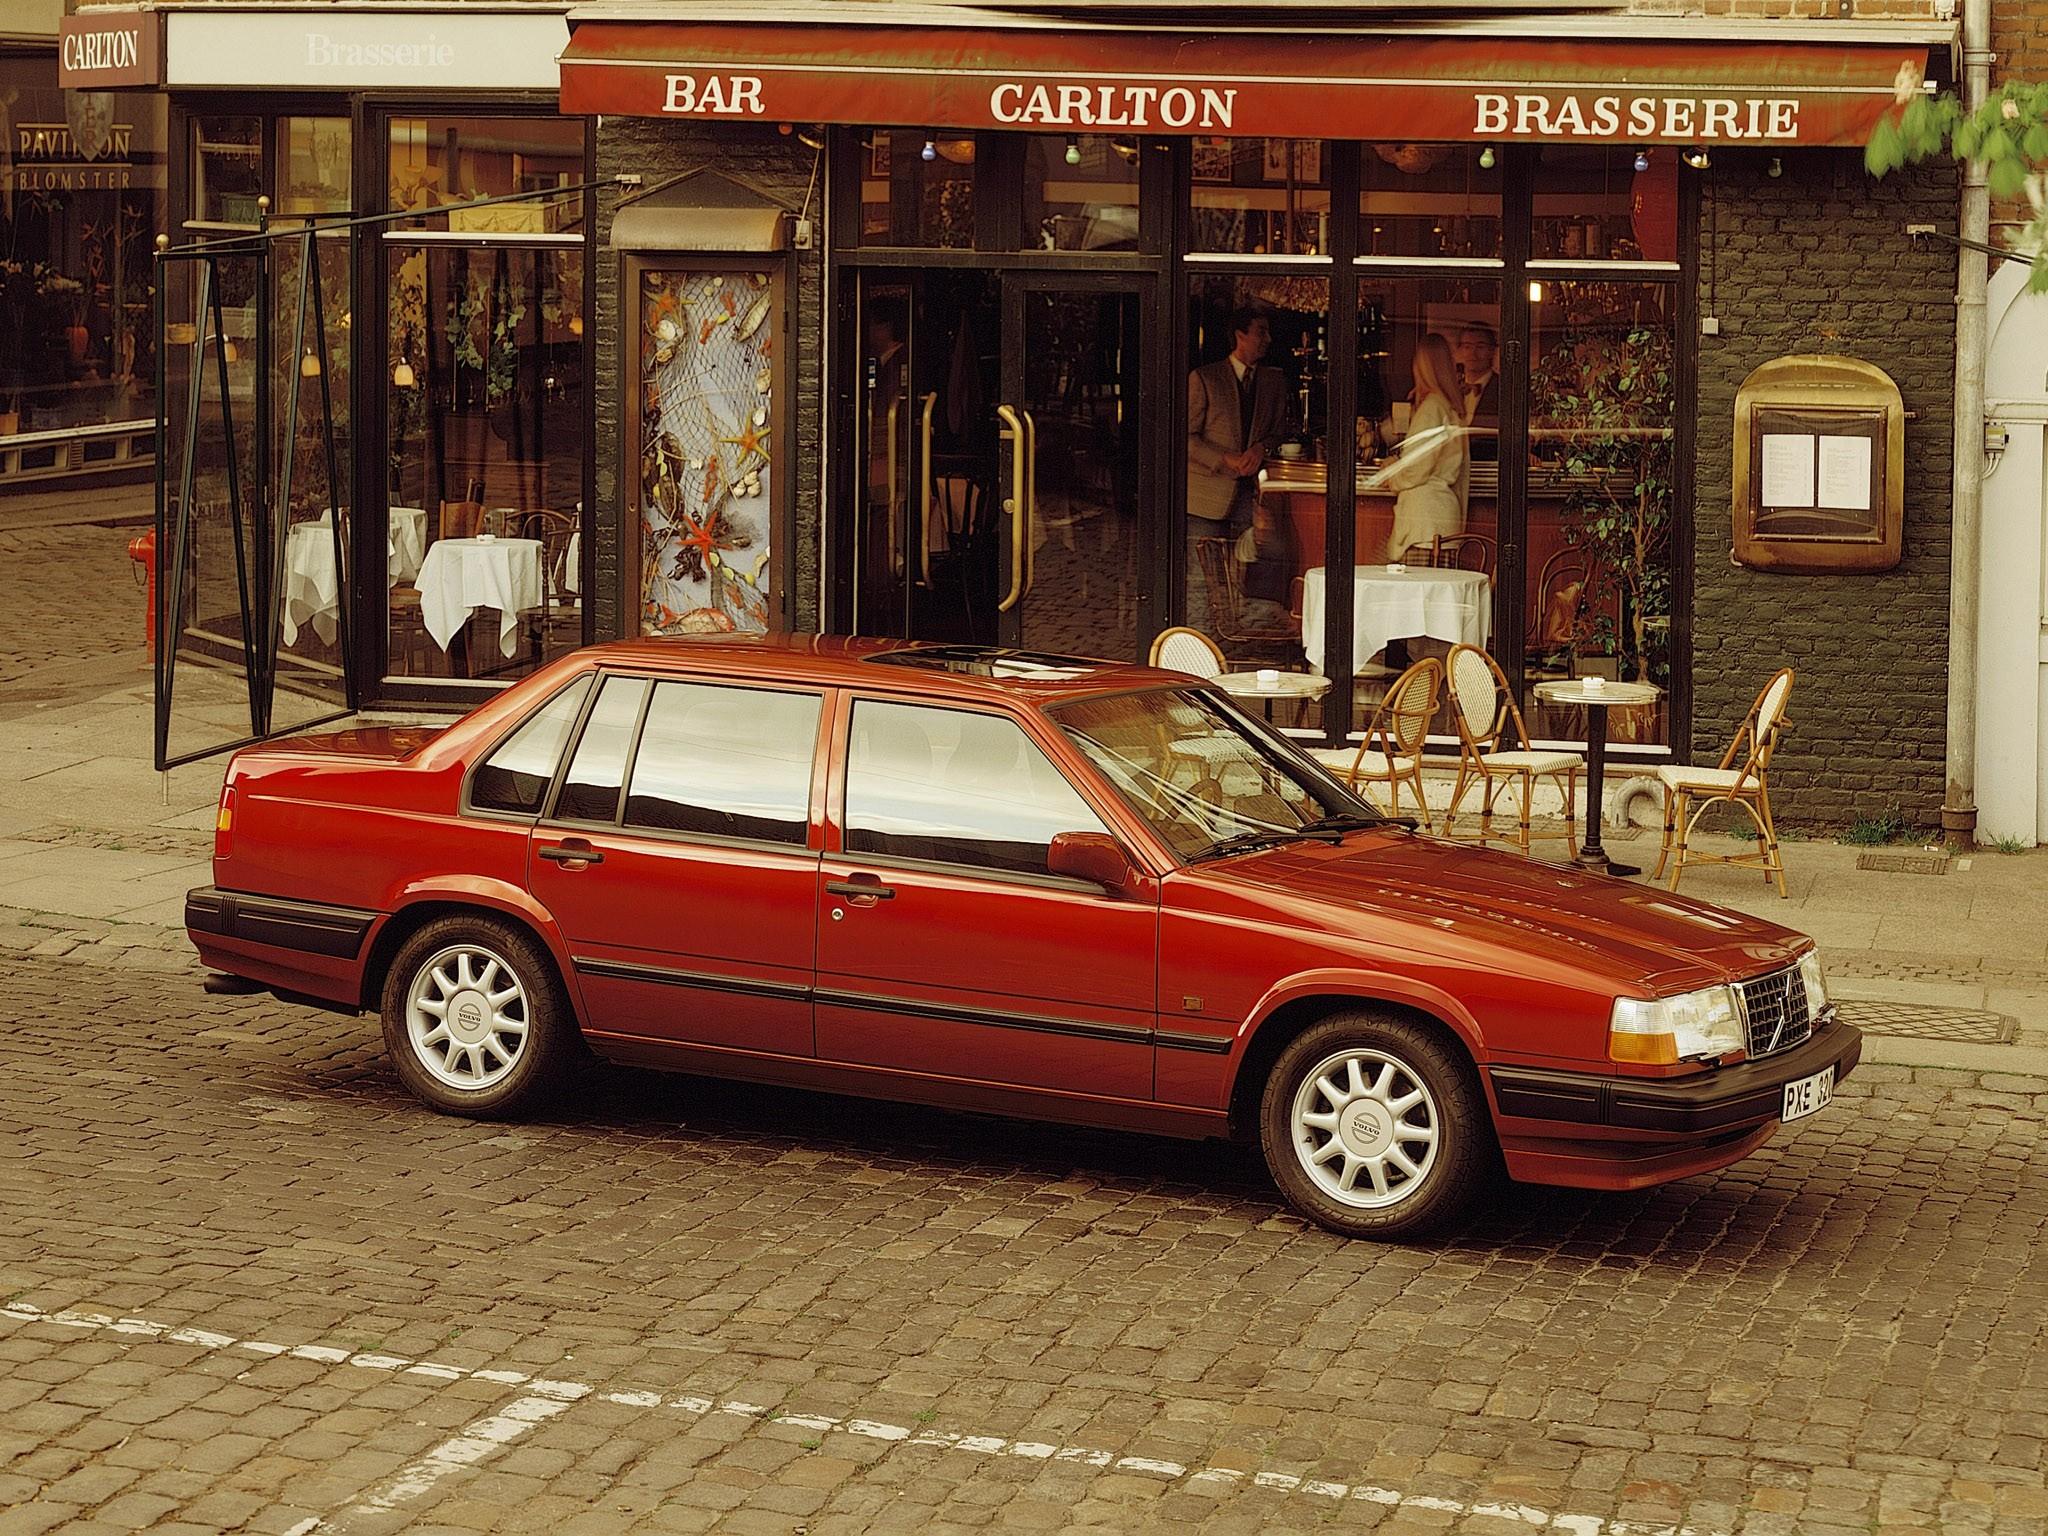 VOLVO 940 specs & photos - 1990, 1991, 1992, 1993, 1994, 1995, 1996, 1997 - autoevolution